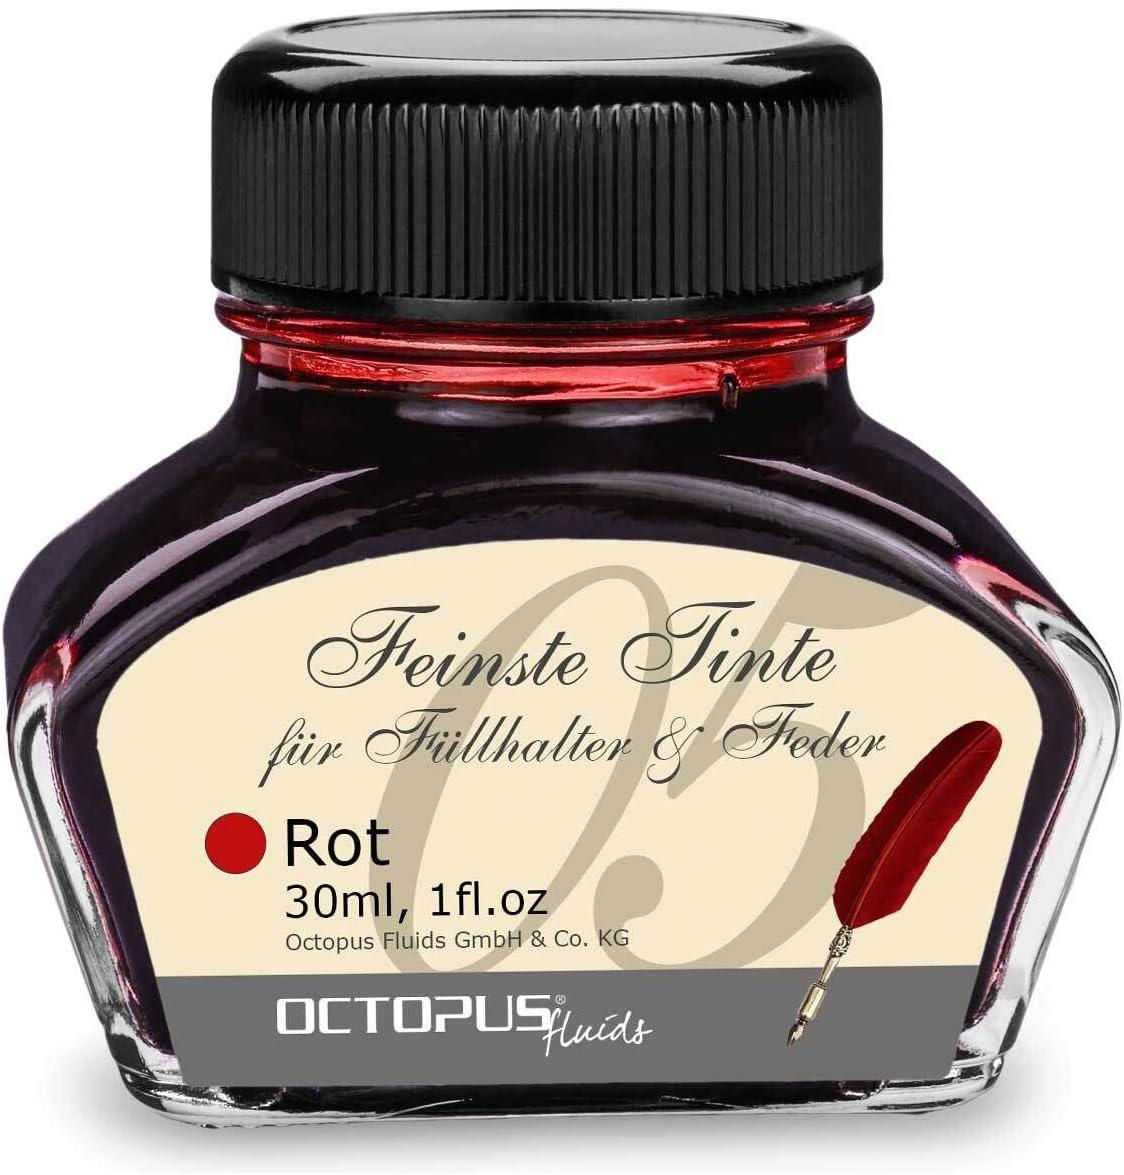 Tinta de pluma estilográfica en tinta de vidrio, Tinta para pluma estilográfica, Tinta estilográfica en Rojo 30ml tintero, Tinta para caligrafía